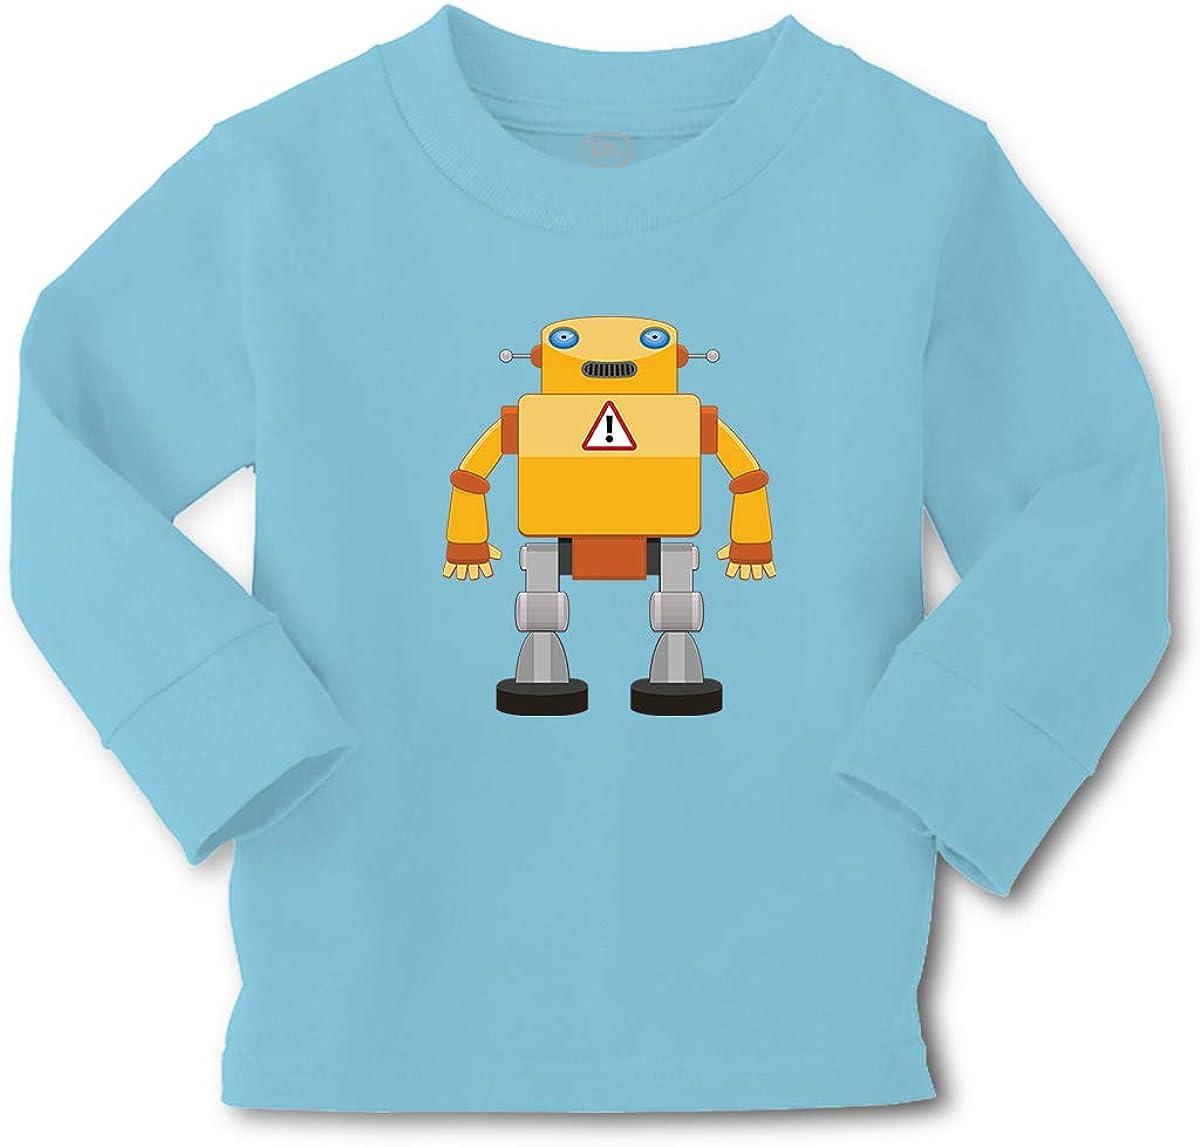 Cute Rascals Kids Long Sleeve T Shirt Robot Robotics Engineering Question Mark Cartoon Cotton